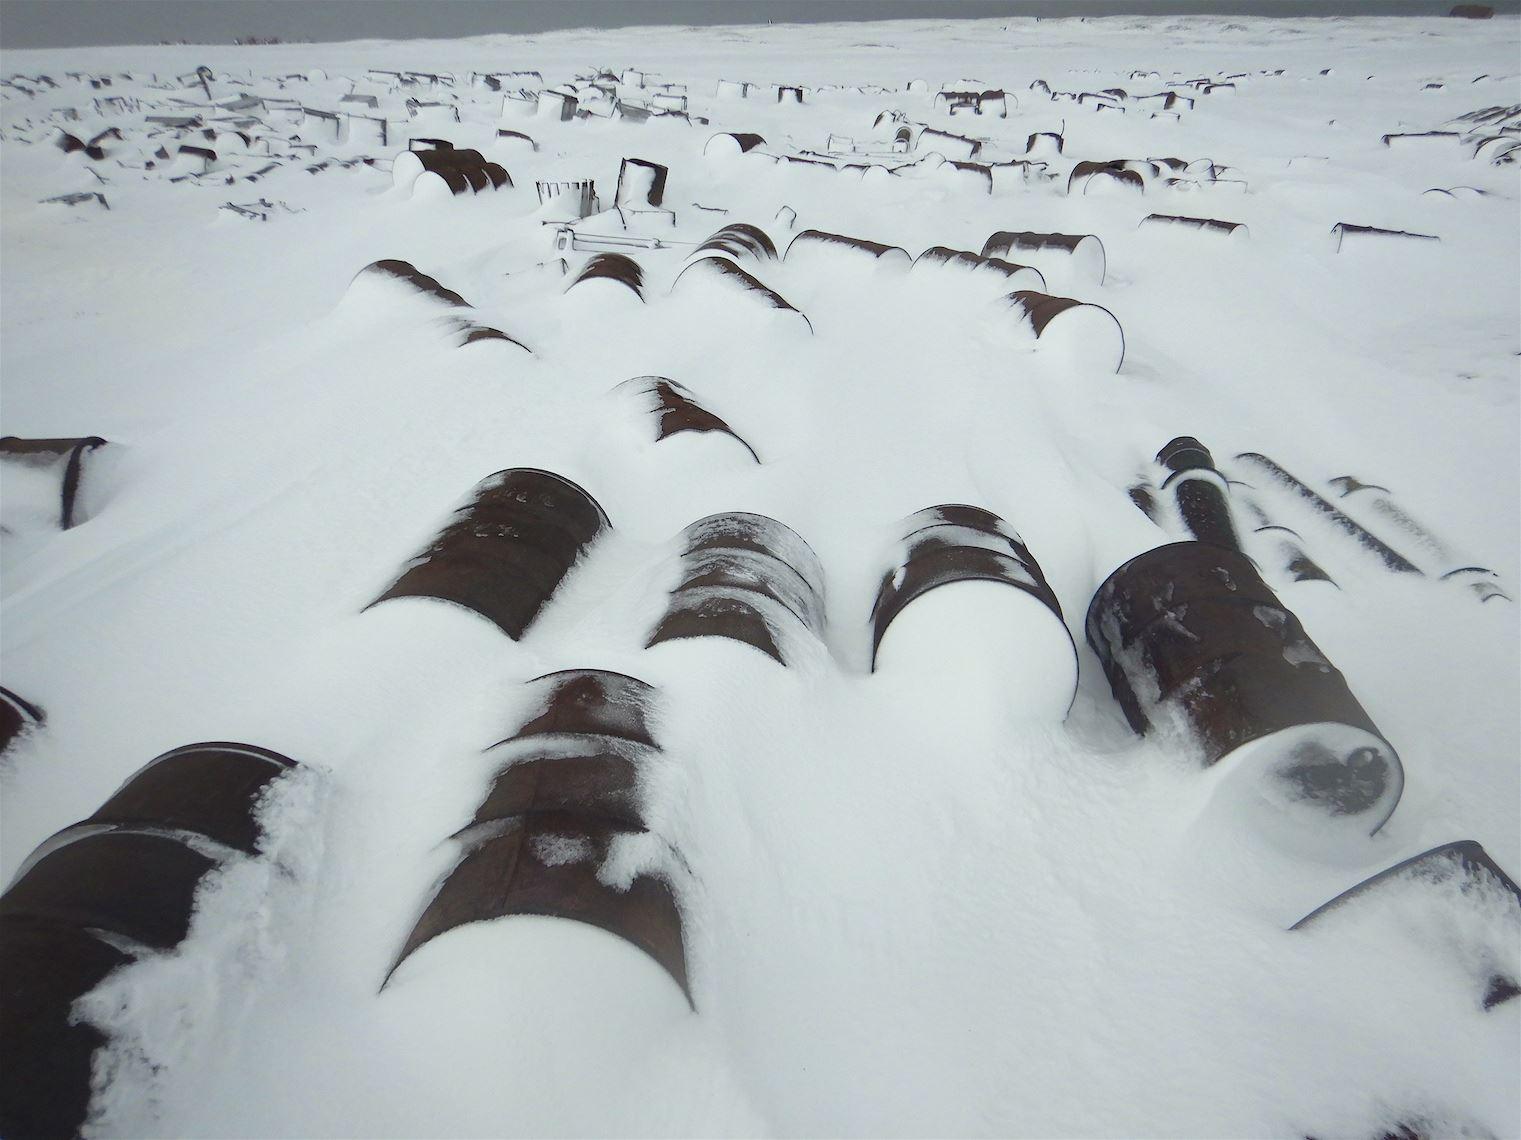 Old fuel tanks on    Zhokhov Island   , East Siberian Sea.